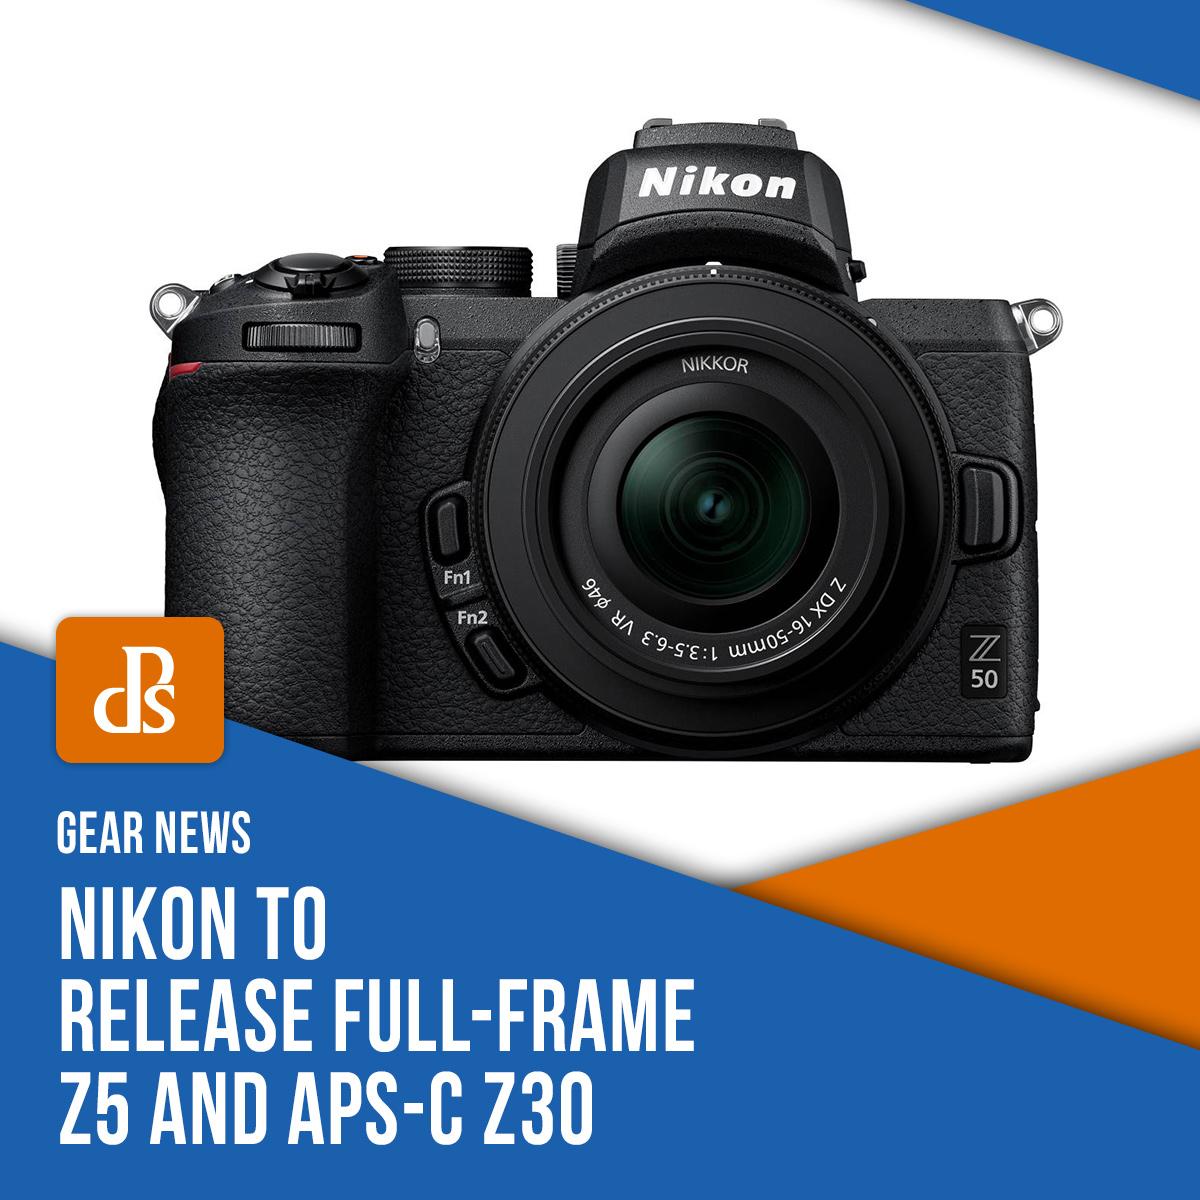 dps-nikon-z5-and-z30-news